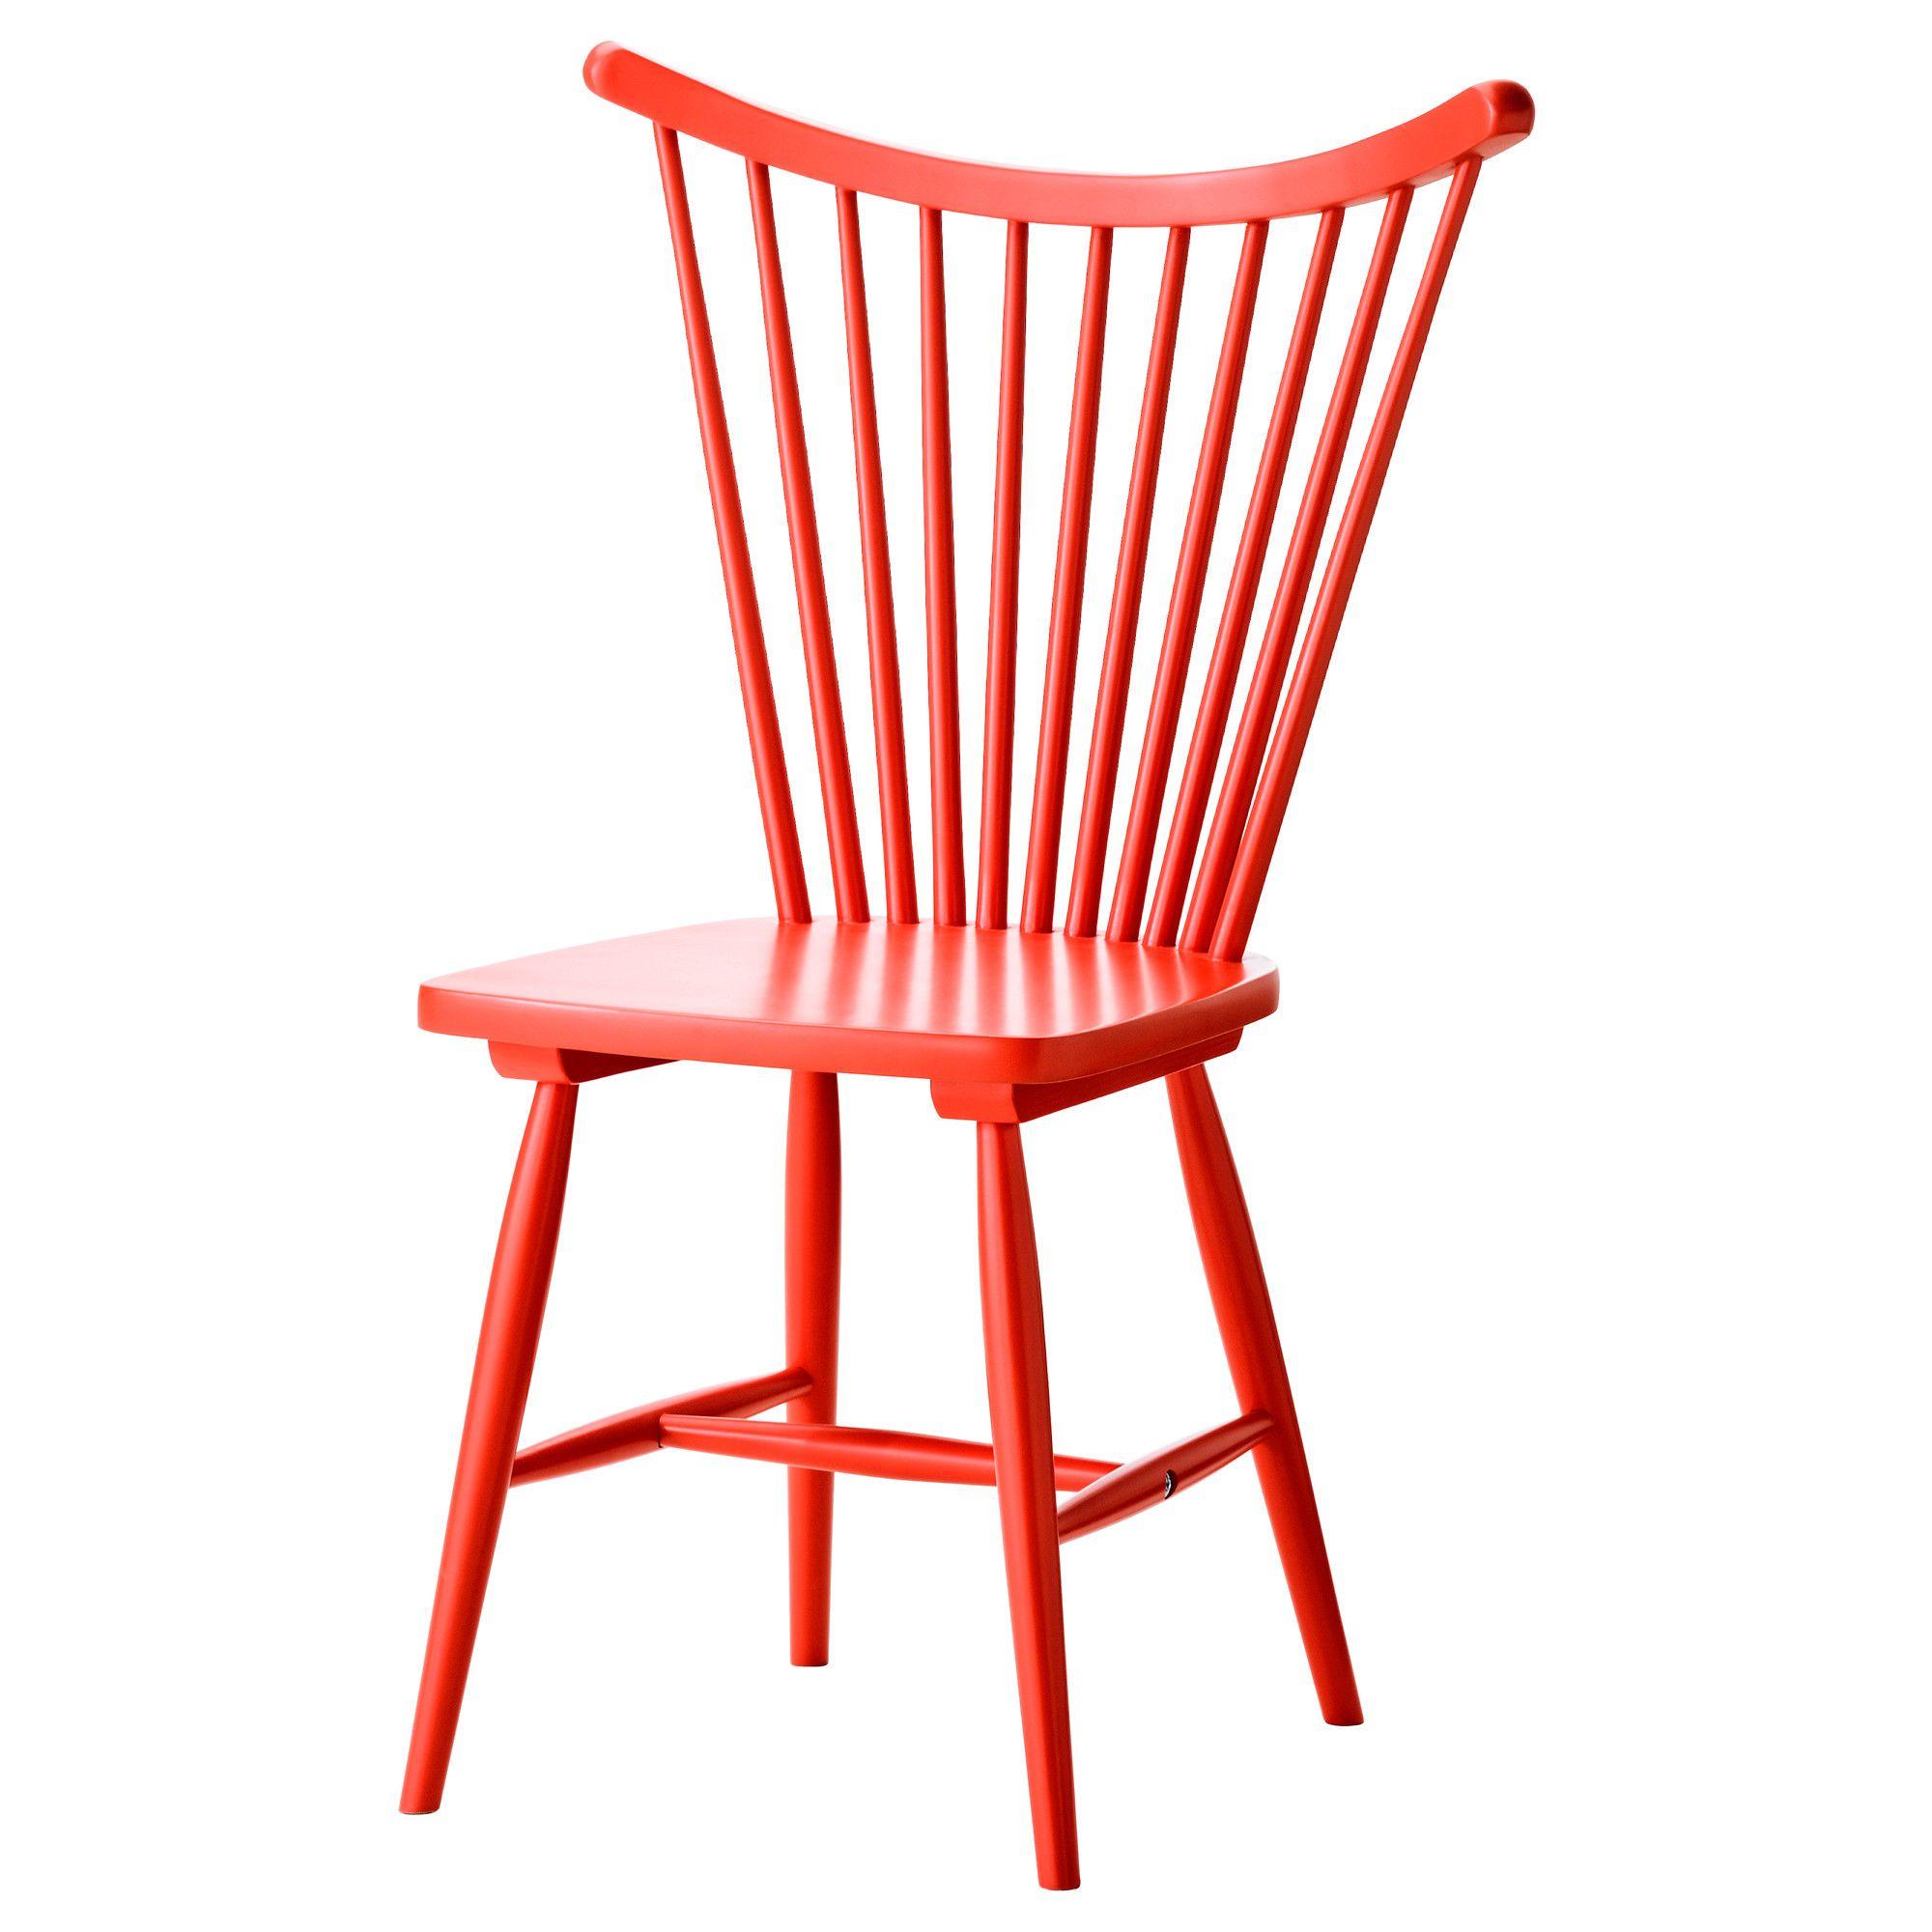 chaise ikea cuisine chaise de salle a manger chez ikea. Black Bedroom Furniture Sets. Home Design Ideas